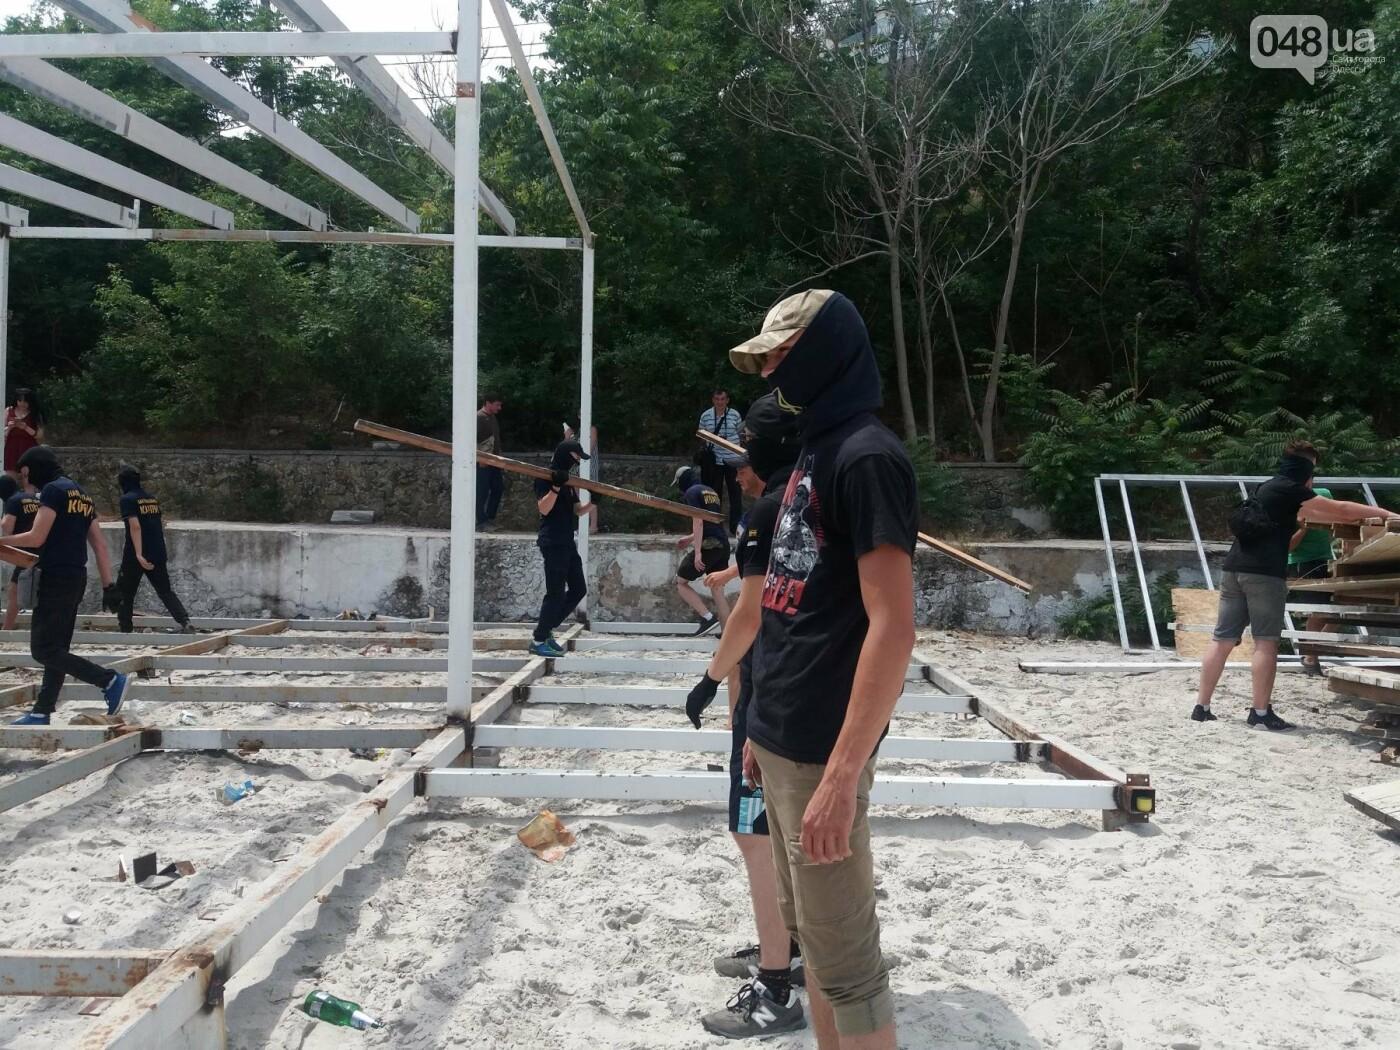 На Одесском пляже прошла акция по демонтажу незаконного сооружения, - ФОТО, ВИДЕО, фото-13